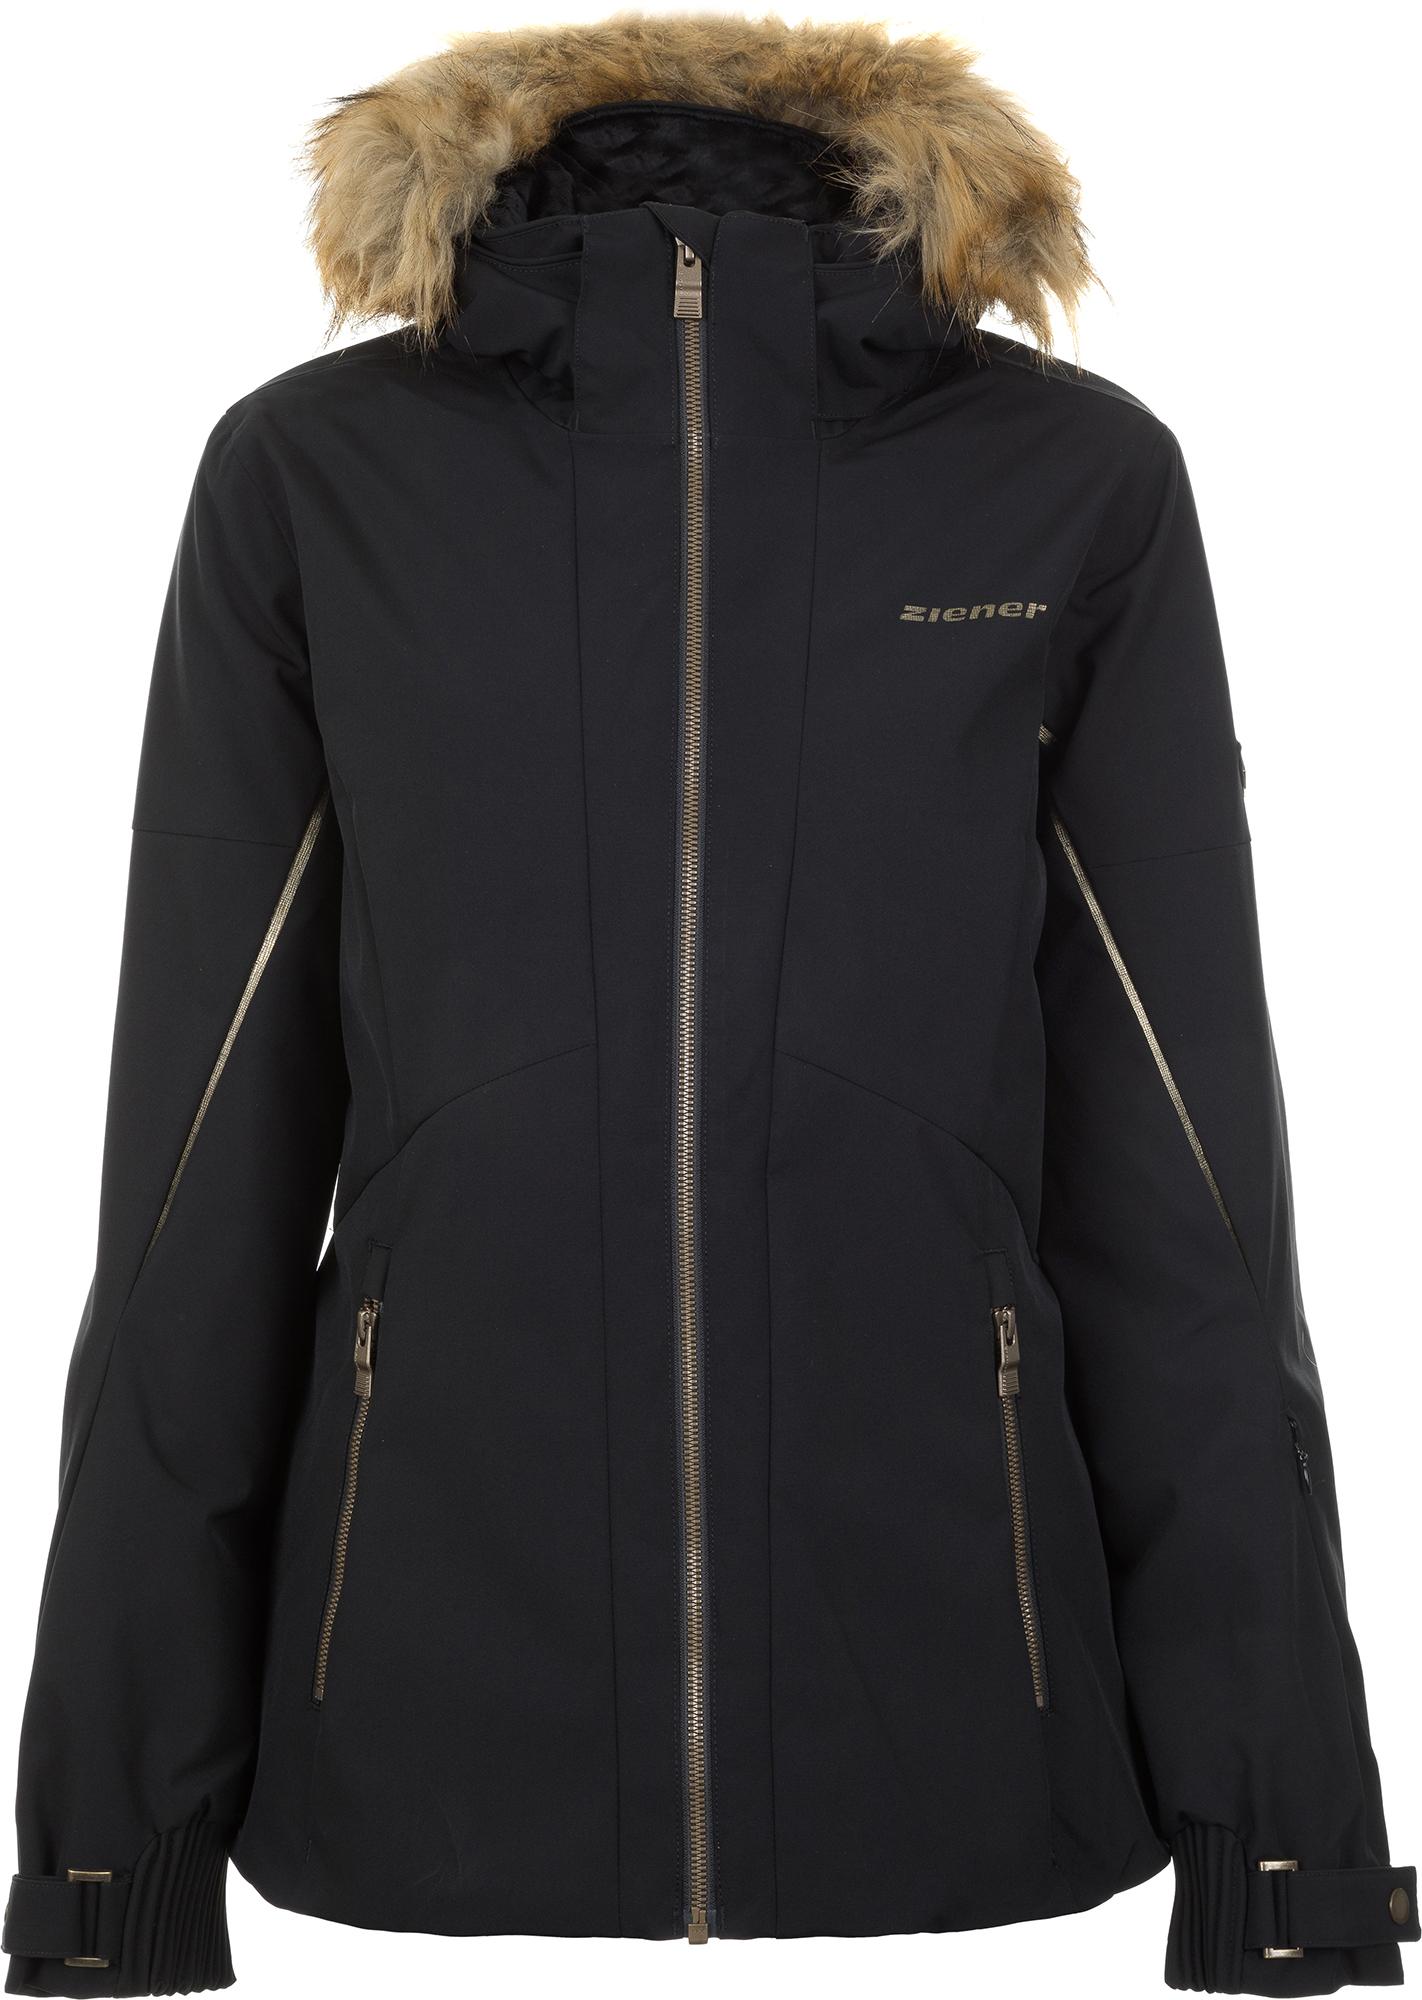 Ziener Куртка утепленная женская Ziener Tanda, размер 46